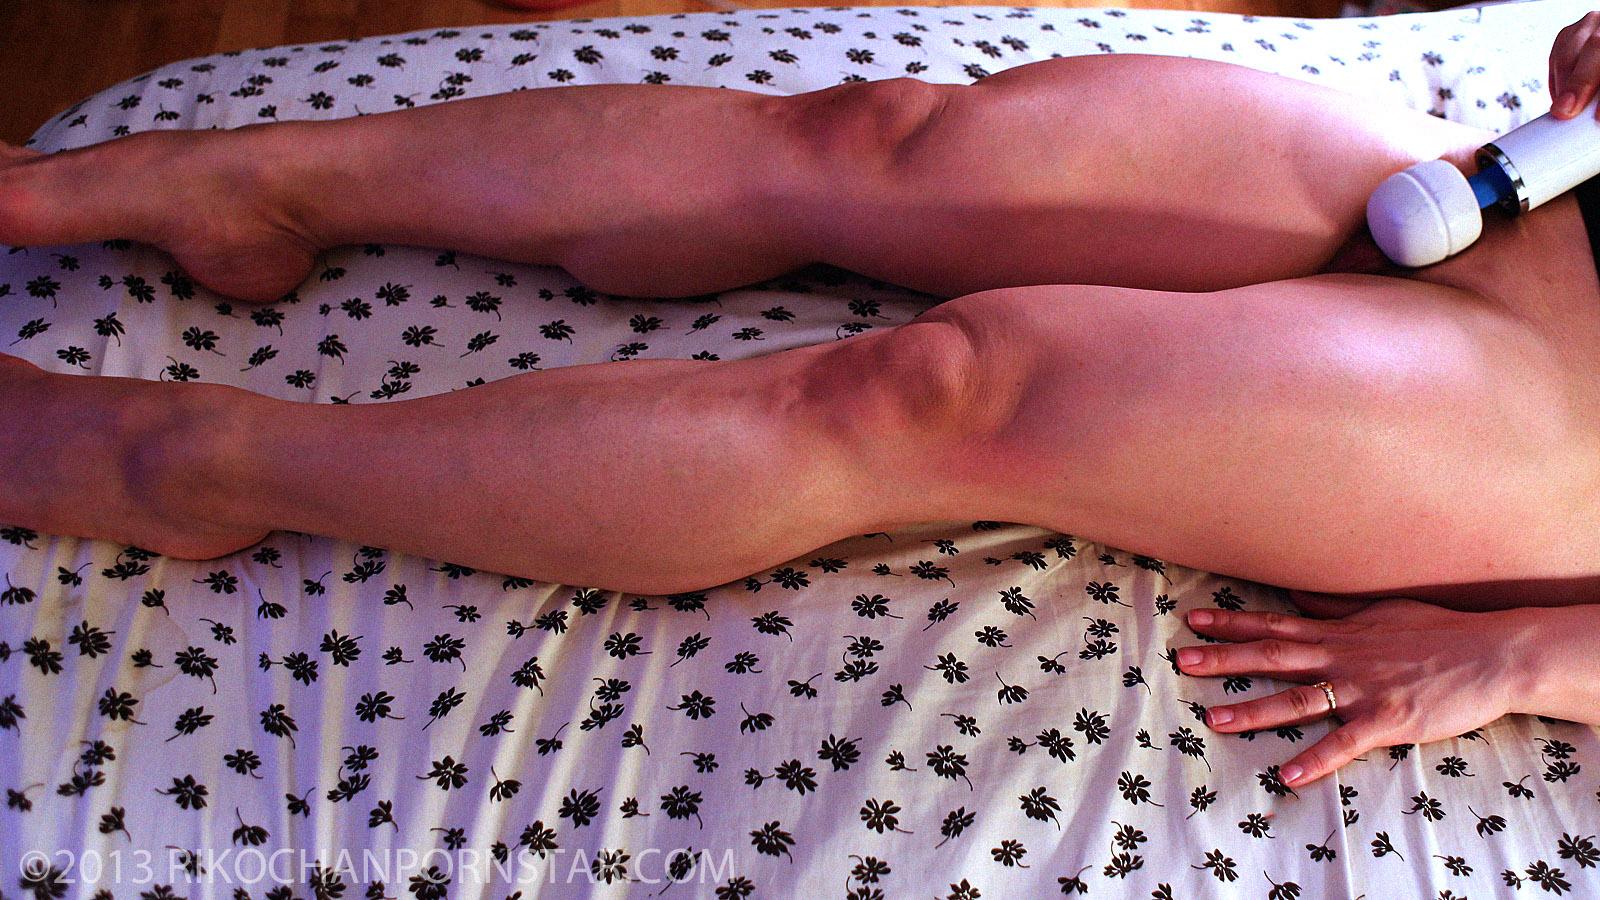 Rikochan Muscle Legs